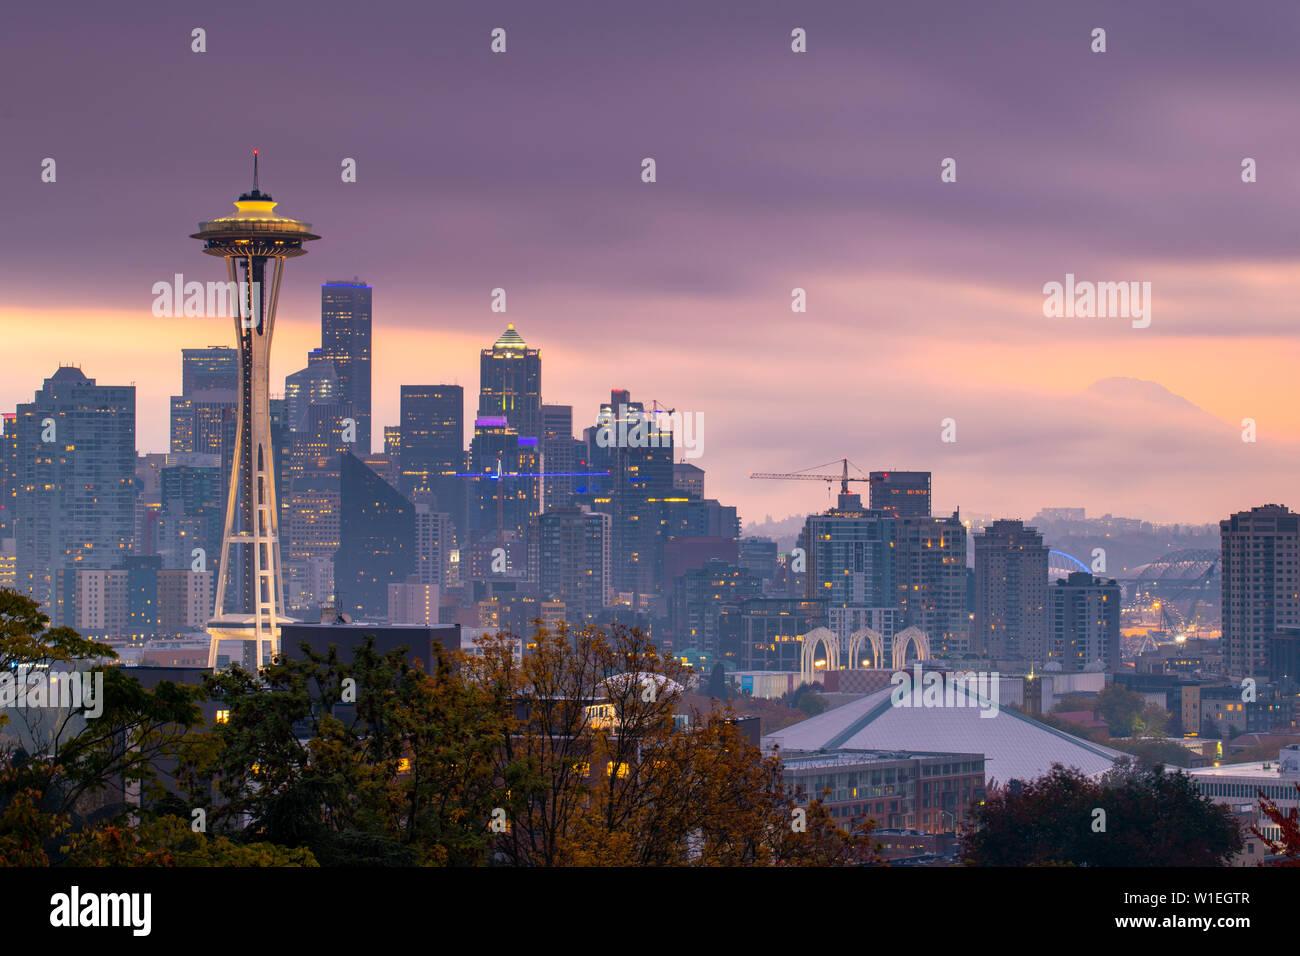 Vue de la Space Needle de Kerry Park, Seattle, État de Washington, États-Unis d'Amérique, Amérique du Nord Banque D'Images